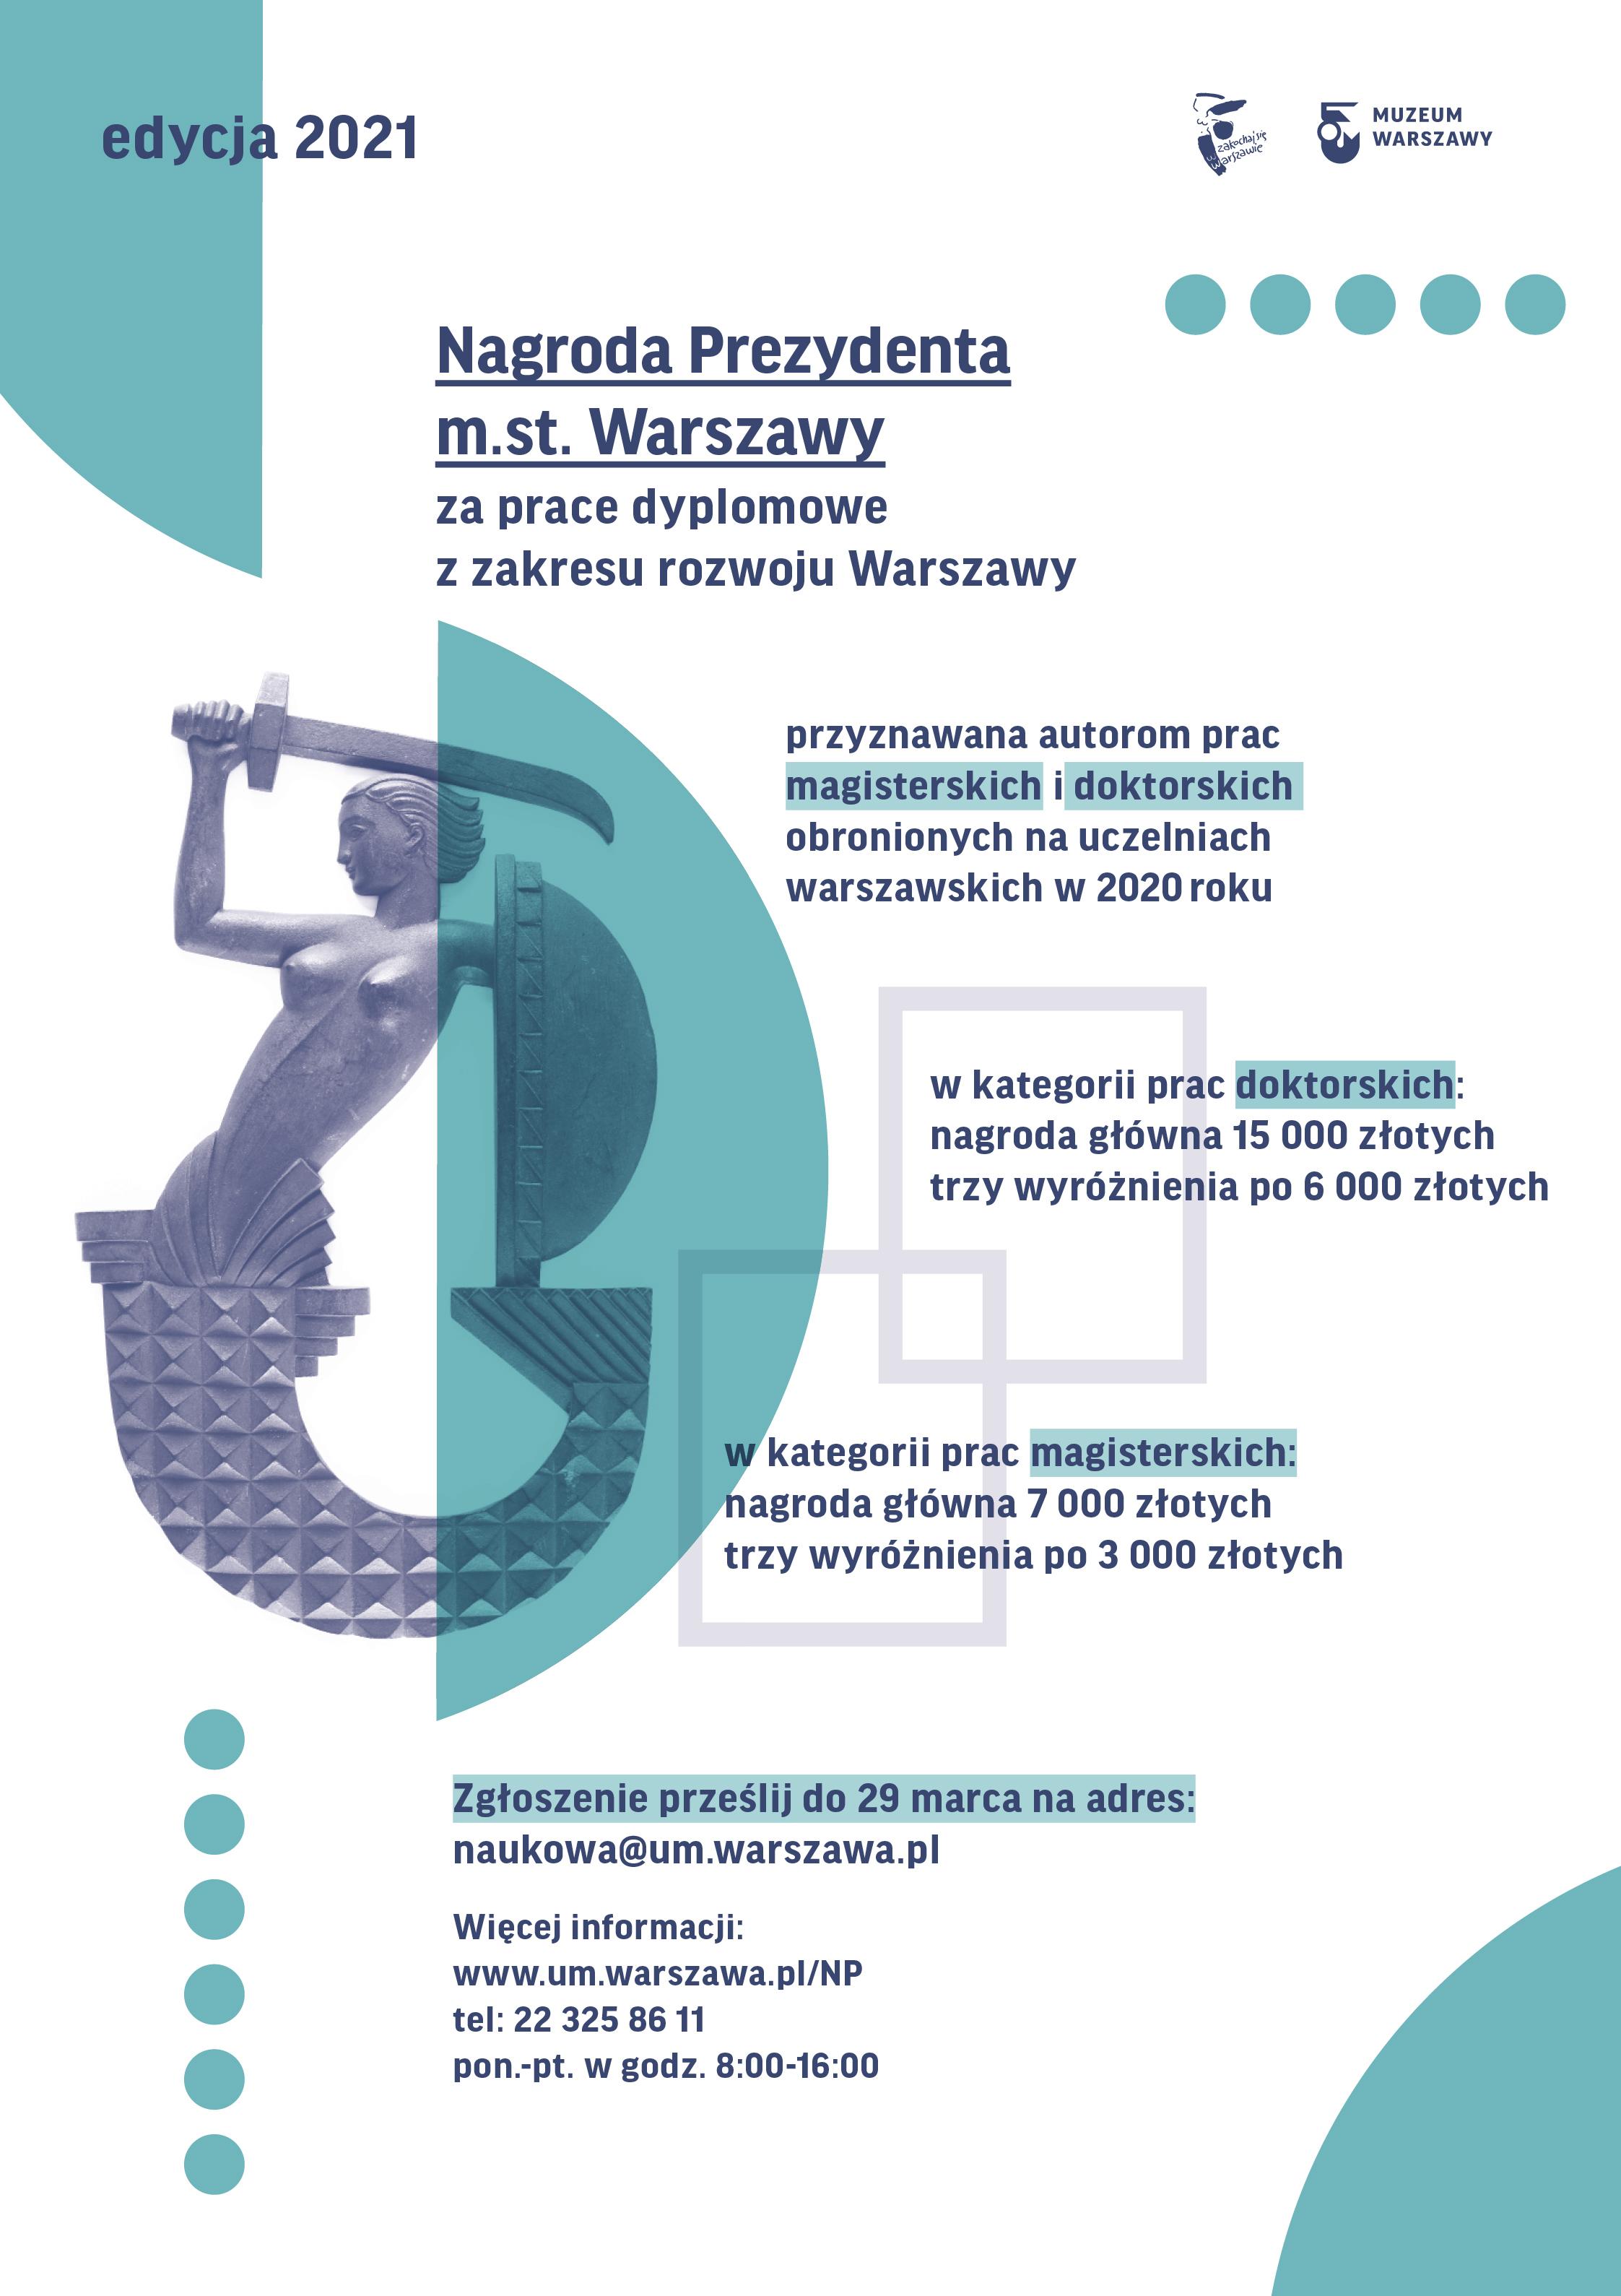 Nagroda Prezydenta Warszawy za prace dyplomowe z zakresu rozwoju Warszawy